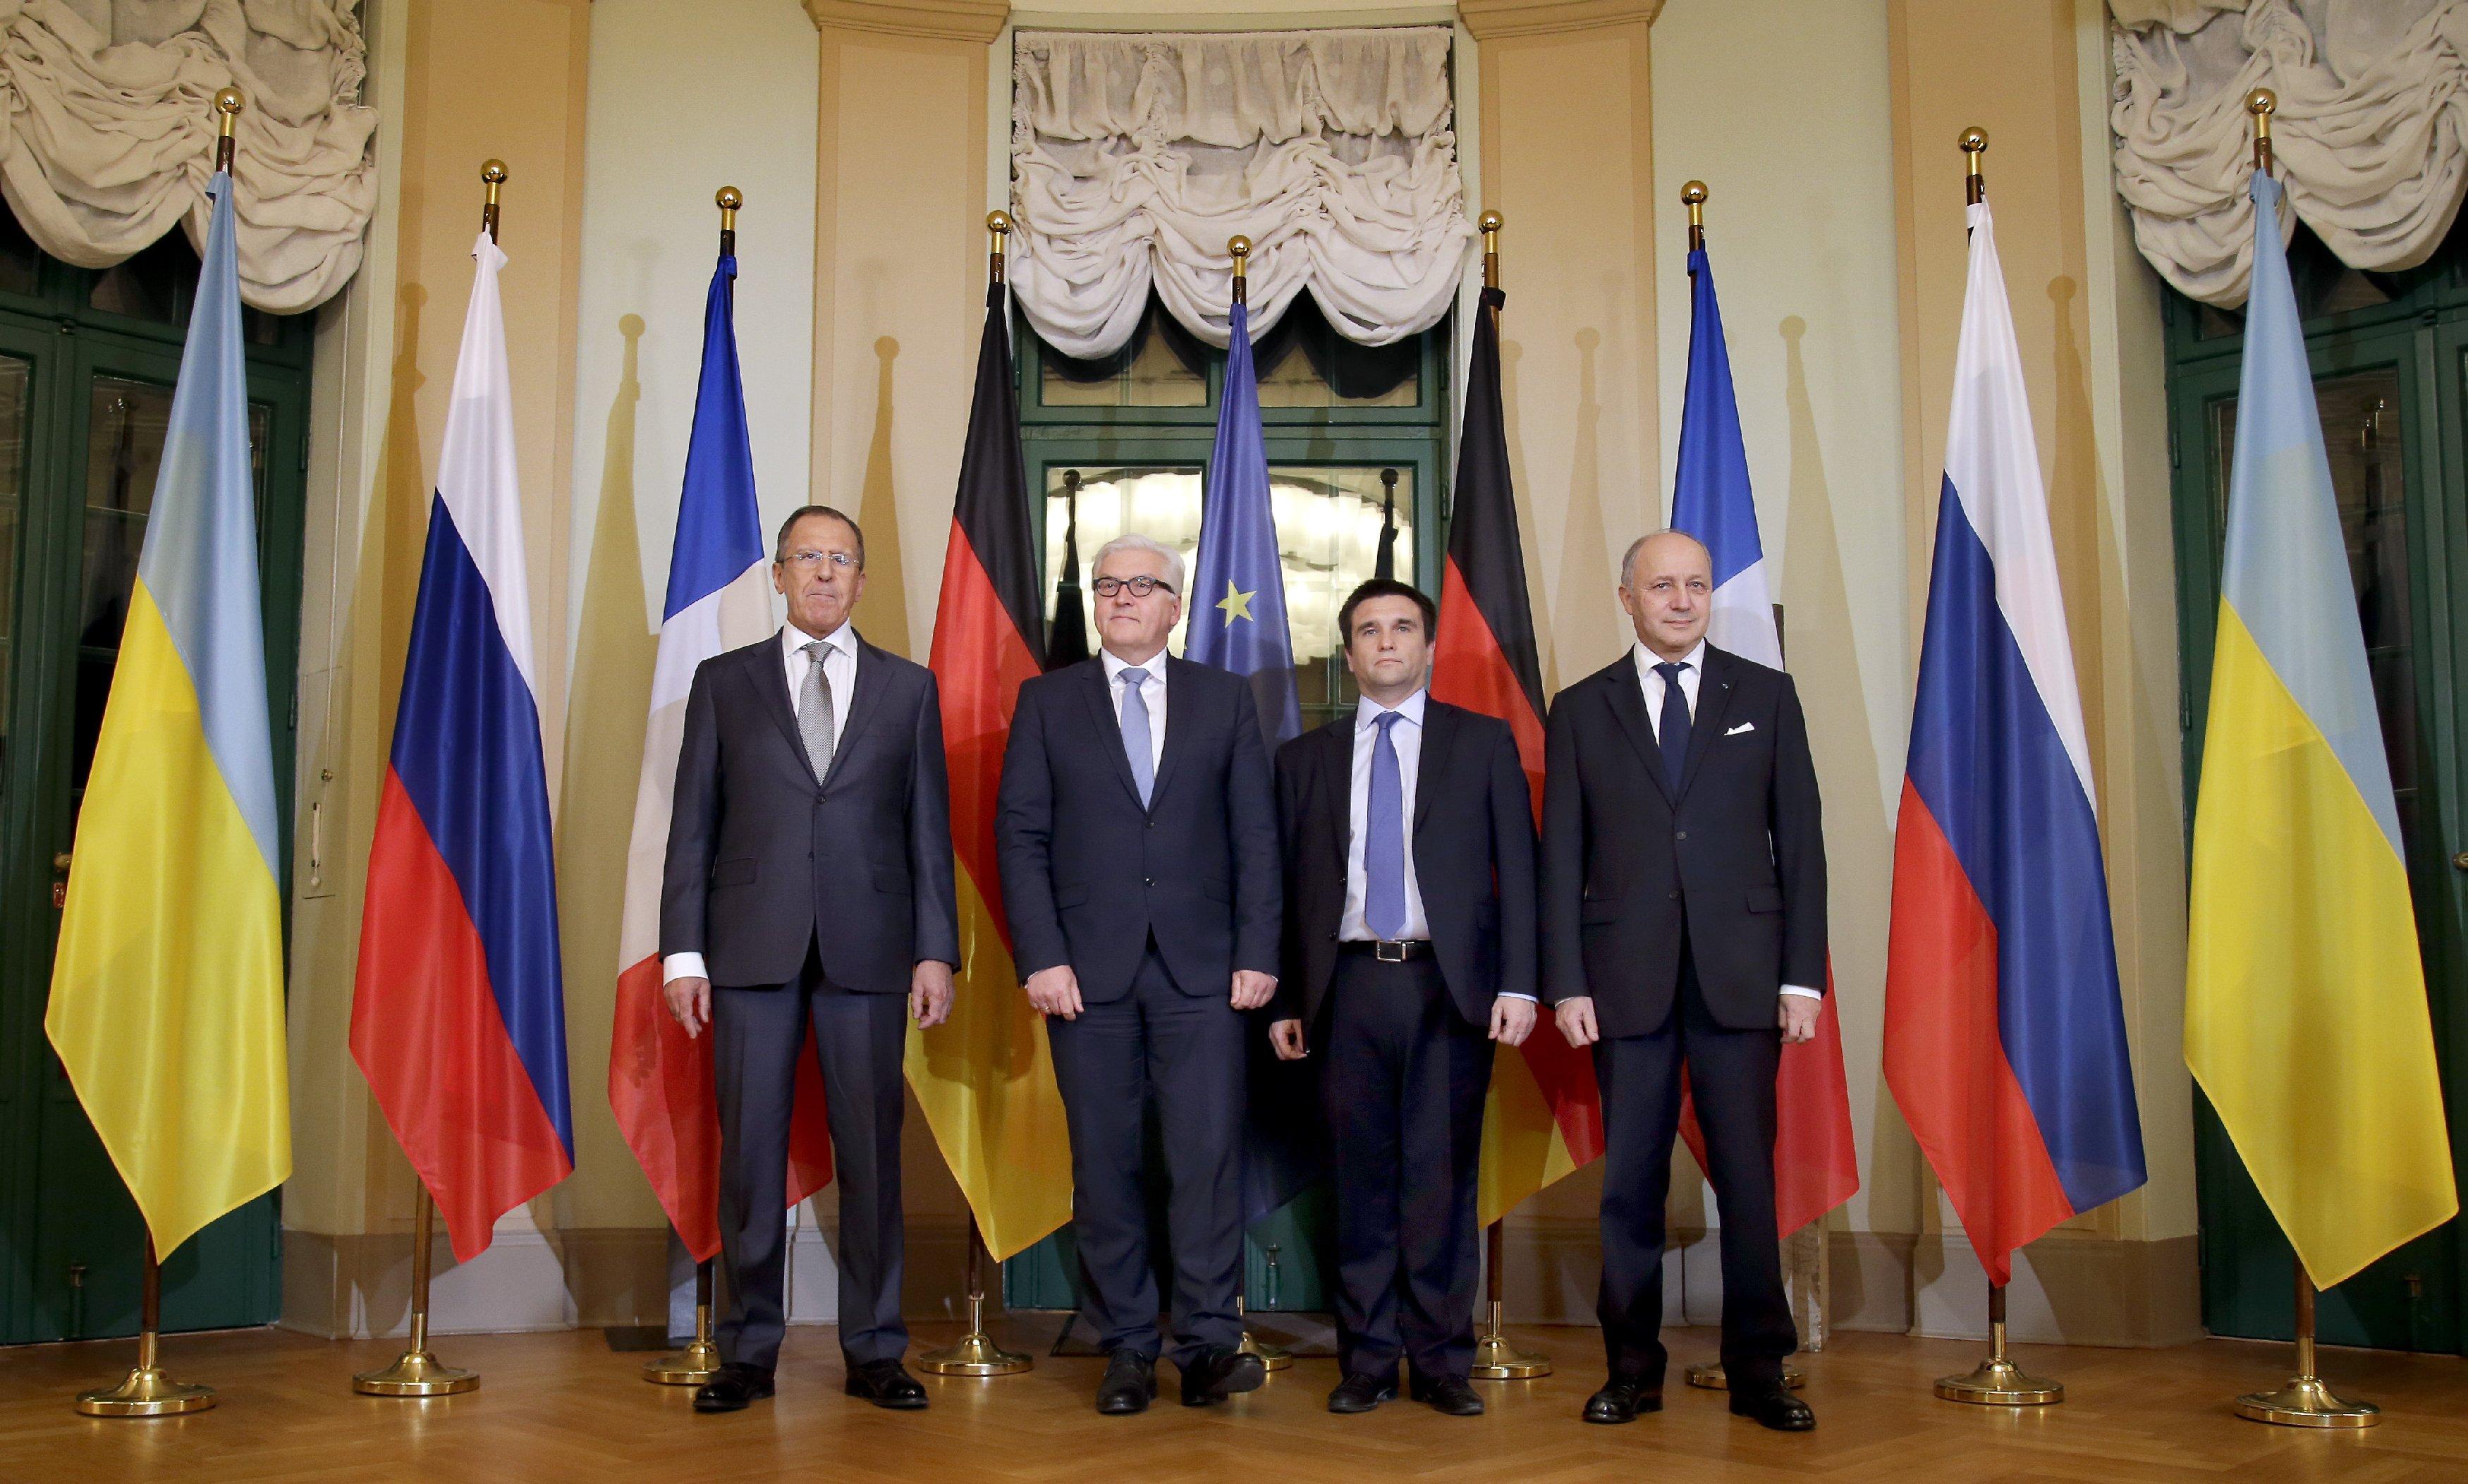 Встреча министров иностранных дел в Берлине